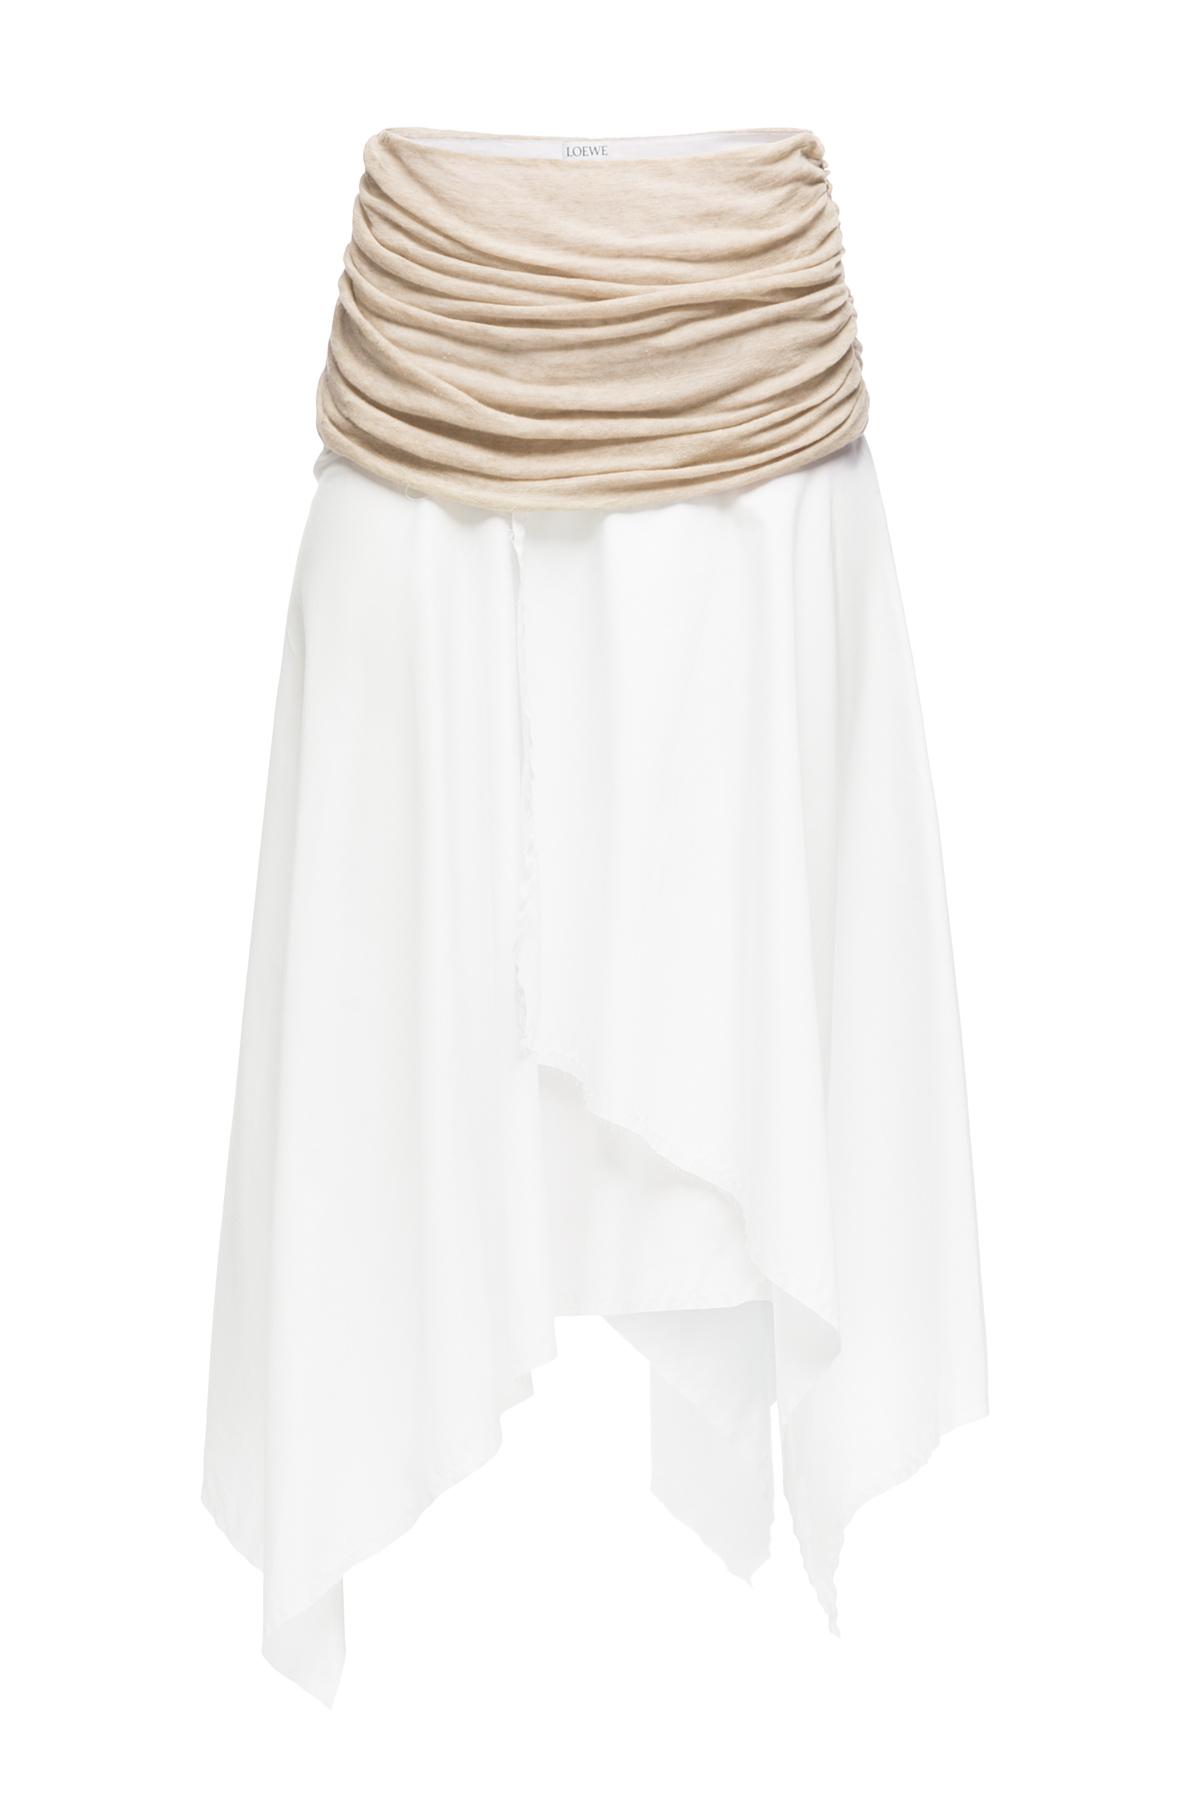 LOEWE アシメトリックスカート ホワイト/ベージュ front